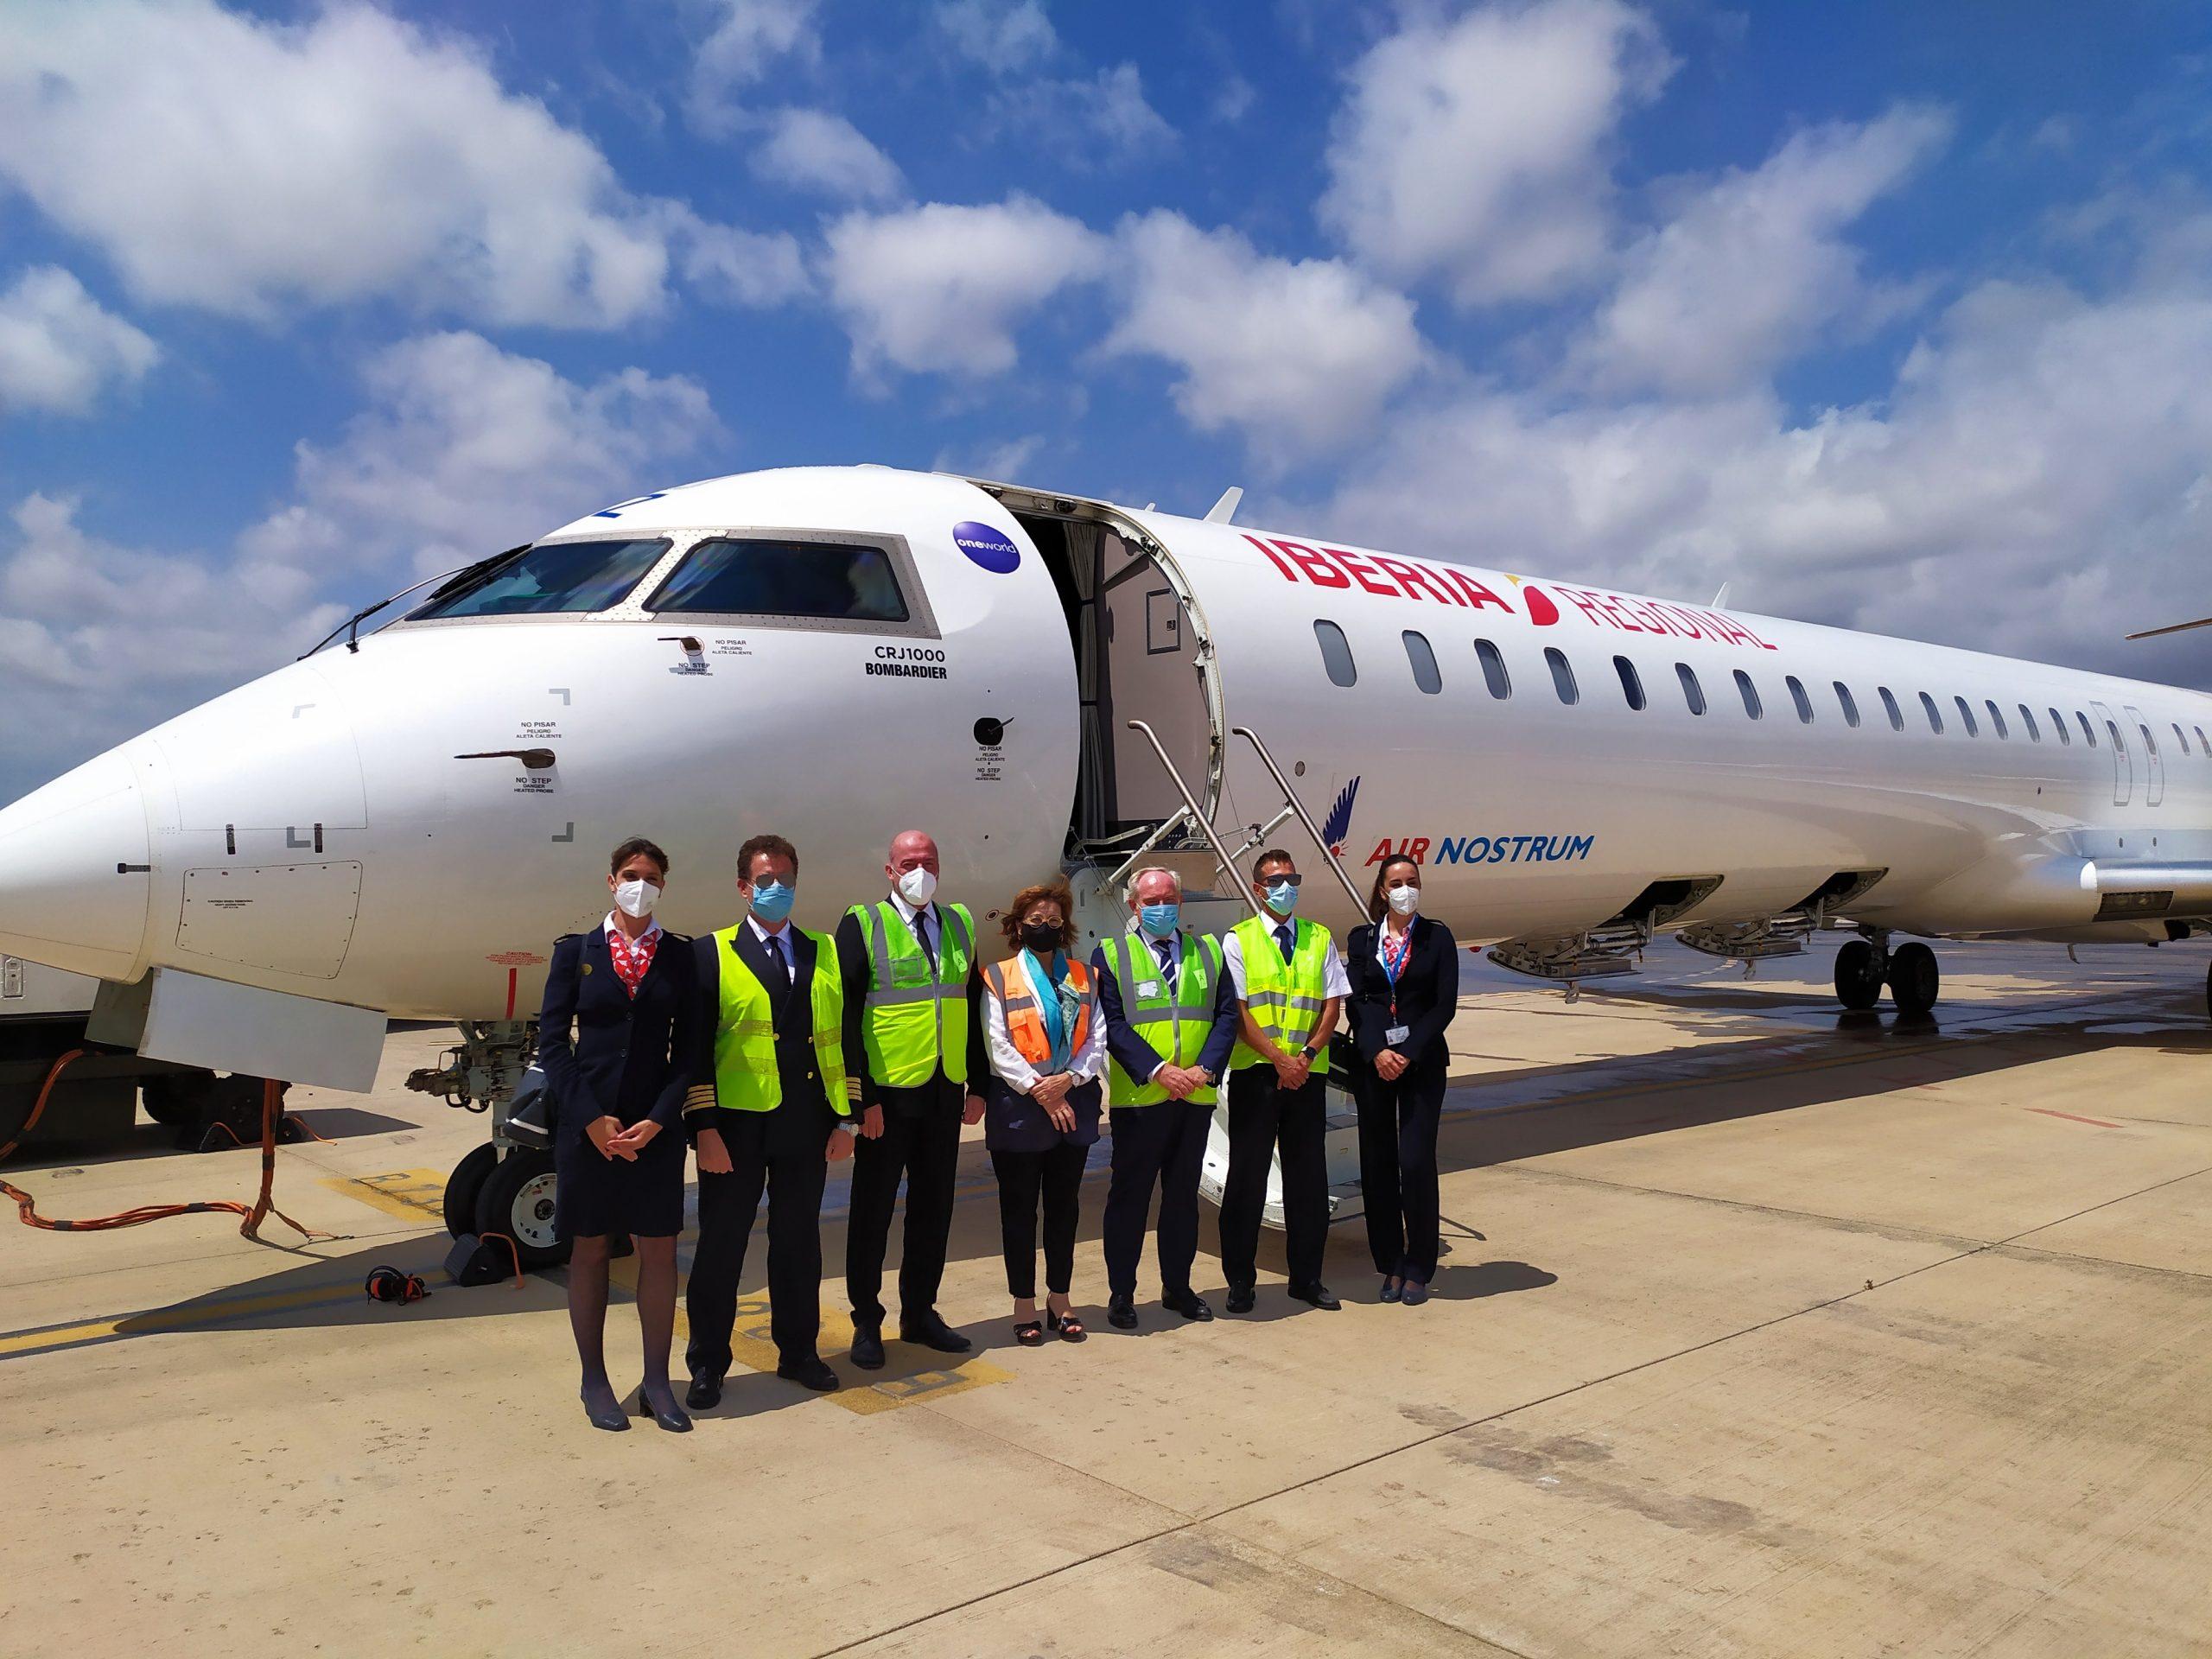 El aeropuerto de Castellón pone en marcha la nueva ruta de Sevilla con dos vuelos semanales hasta el próximo 3 de septiembre